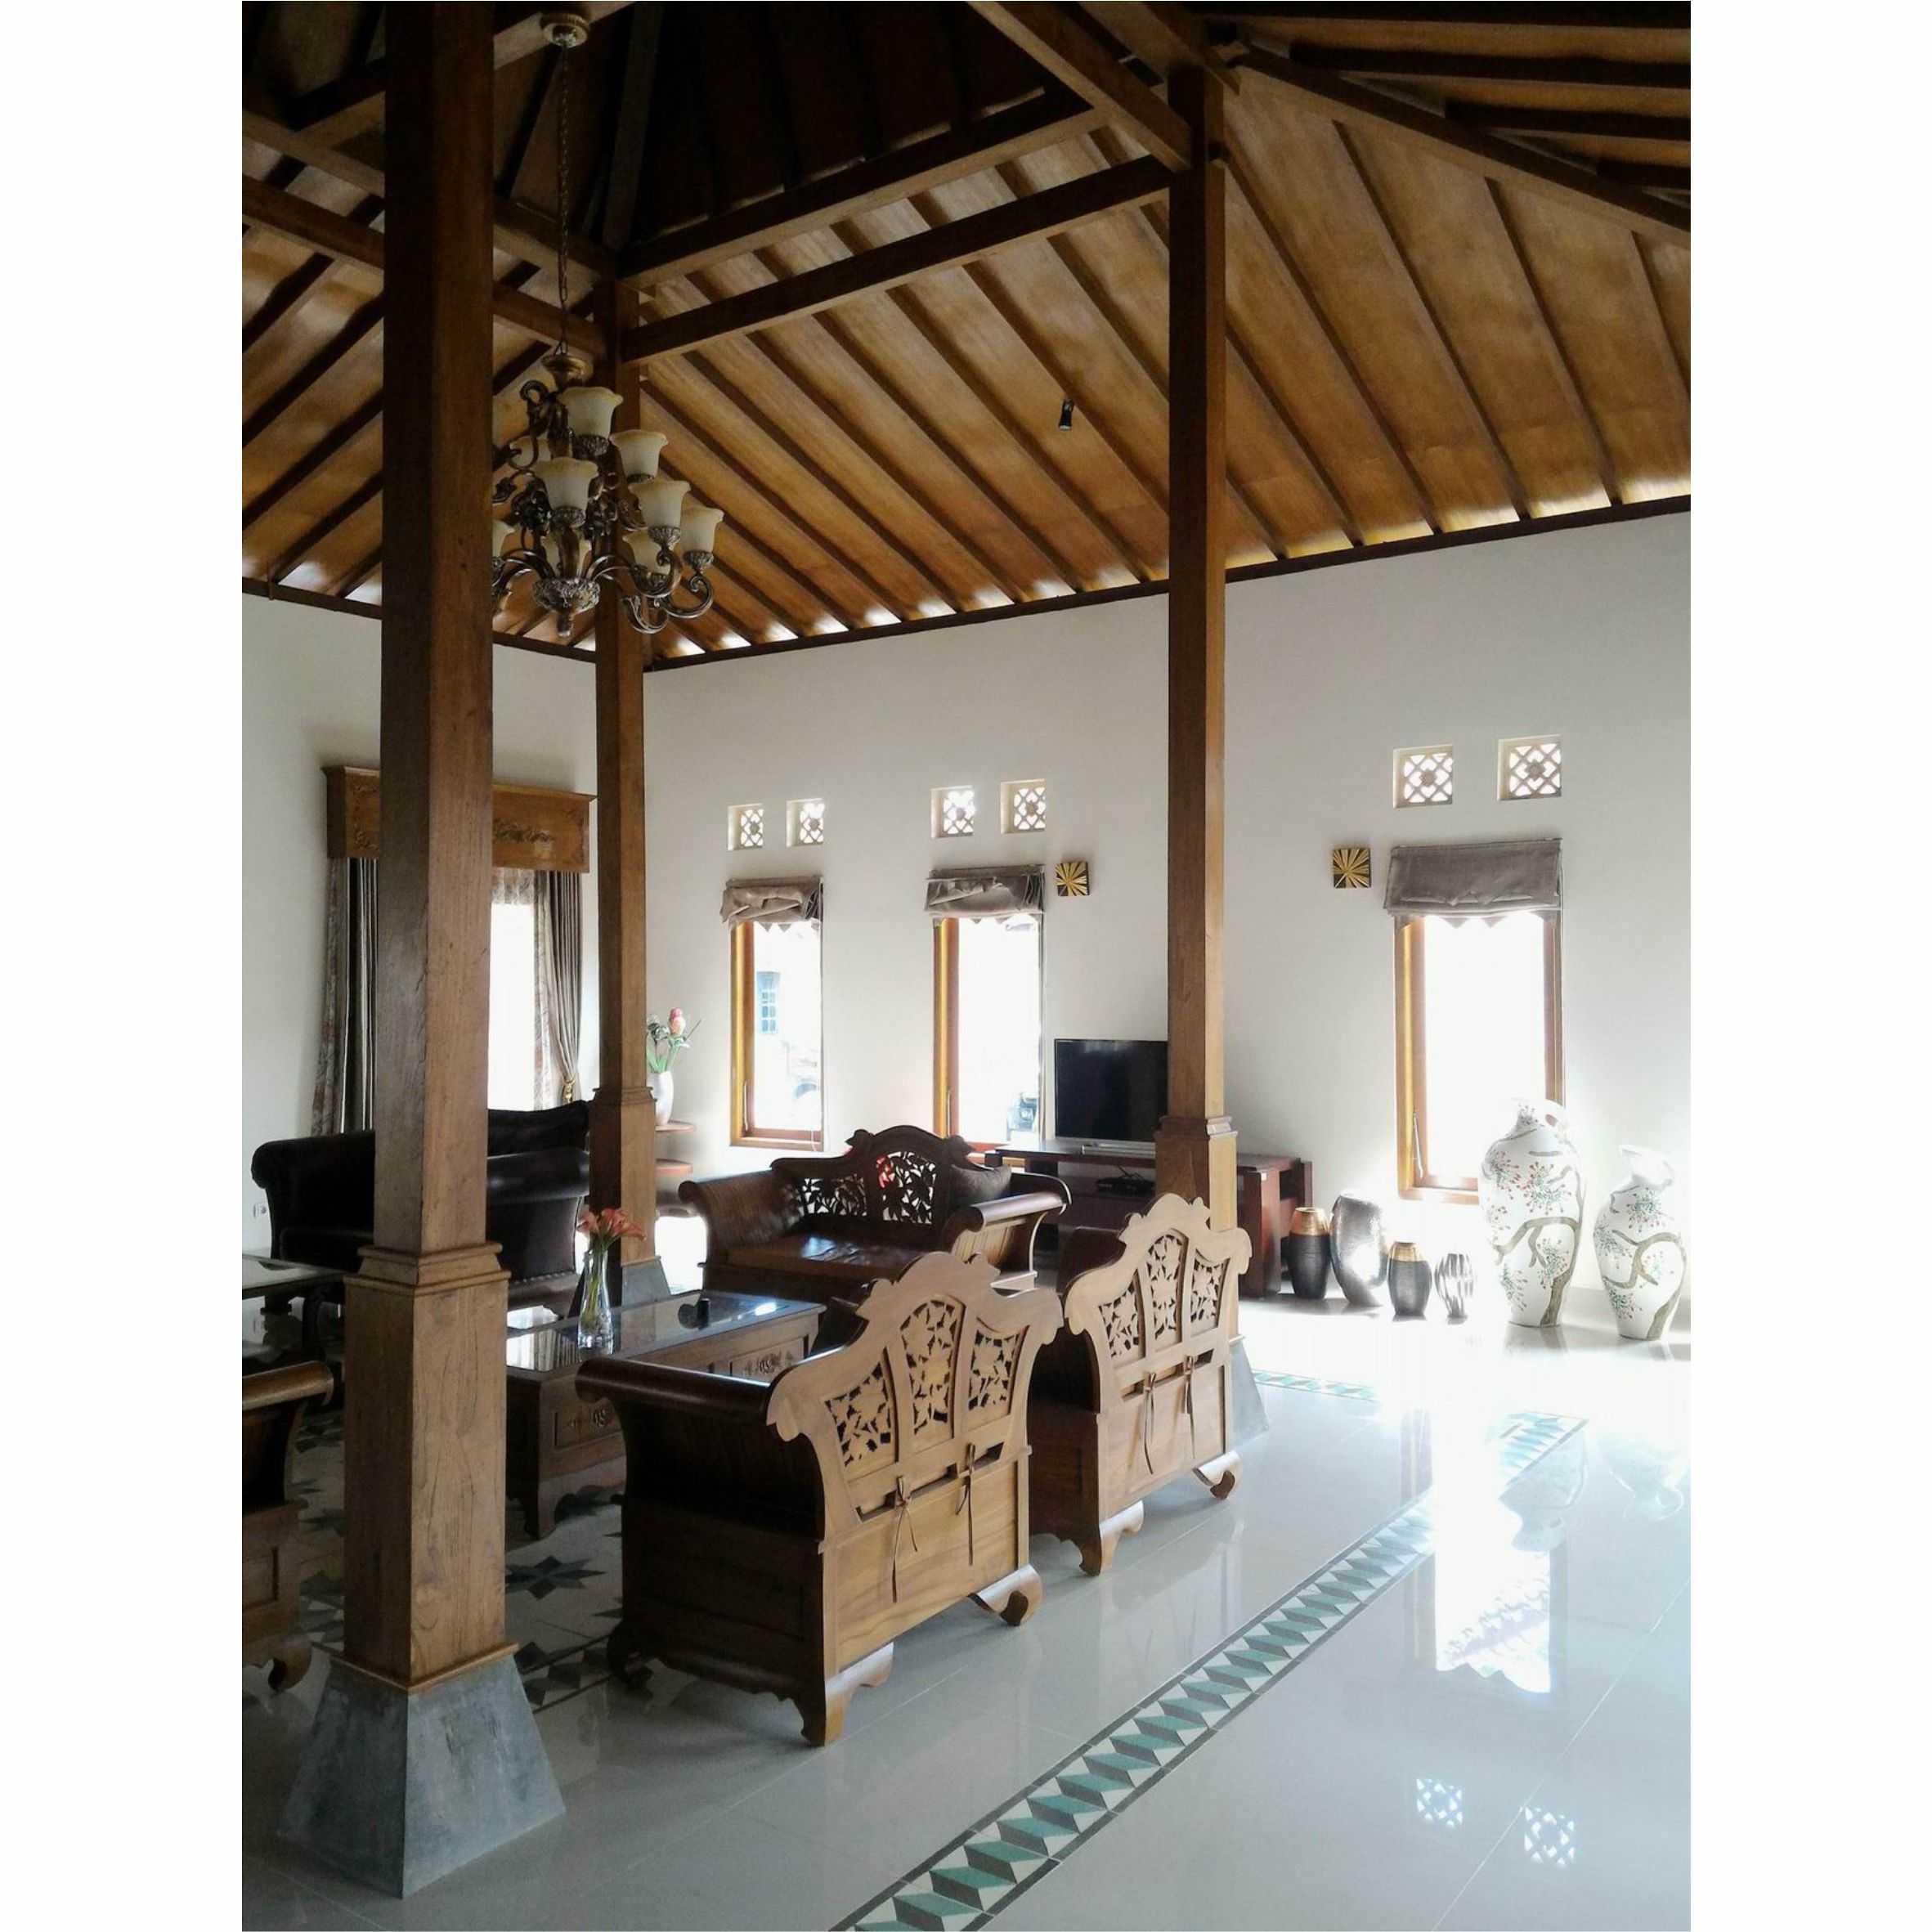 Mario Or Marjo (Mom) Architect Jdk House Kabupaten Klaten, Jawa Tengah, Indonesia Kabupaten Klaten, Jawa Tengah, Indonesia Mario-Or-Marjo-Mom-Architect-Jdk-House   61503